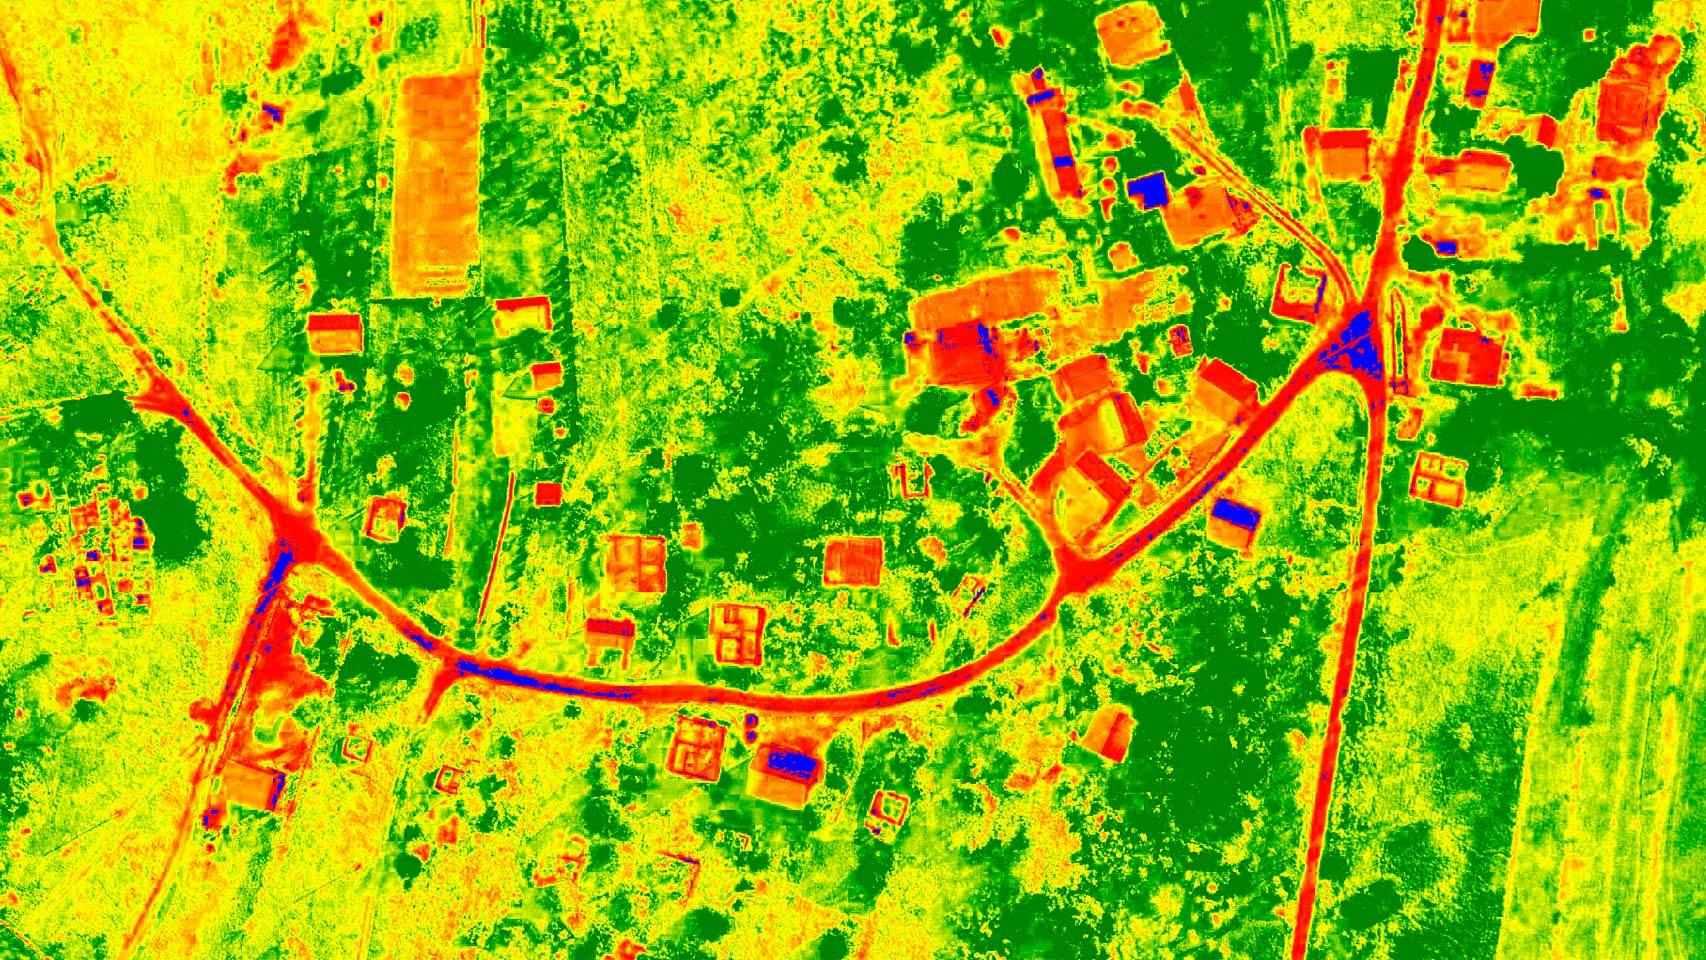 Imágenes de uno de los drones.